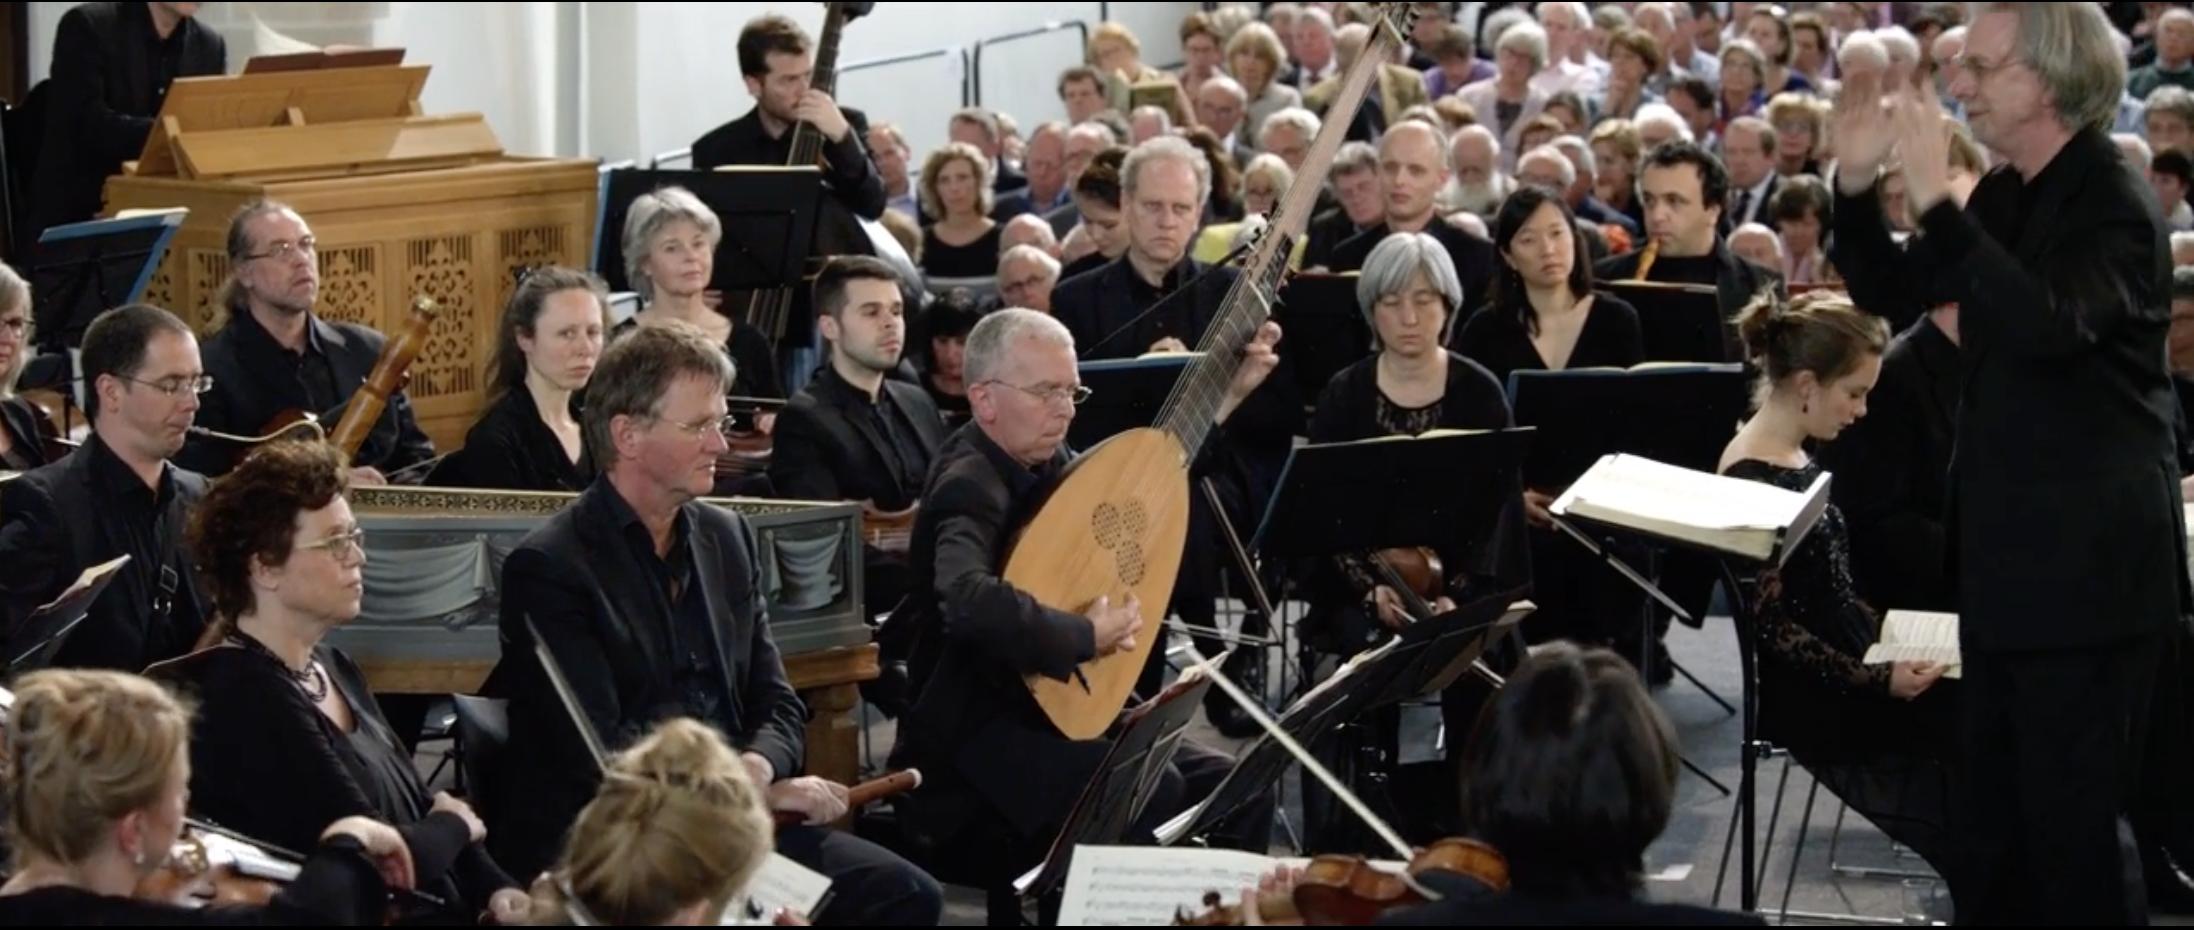 ALL OF BACH mit dem BWV 244 Matthäus Passion in der Grote Kerk, Naarden am (Holland) Aufnahme vom 16. & 19.04.2014.